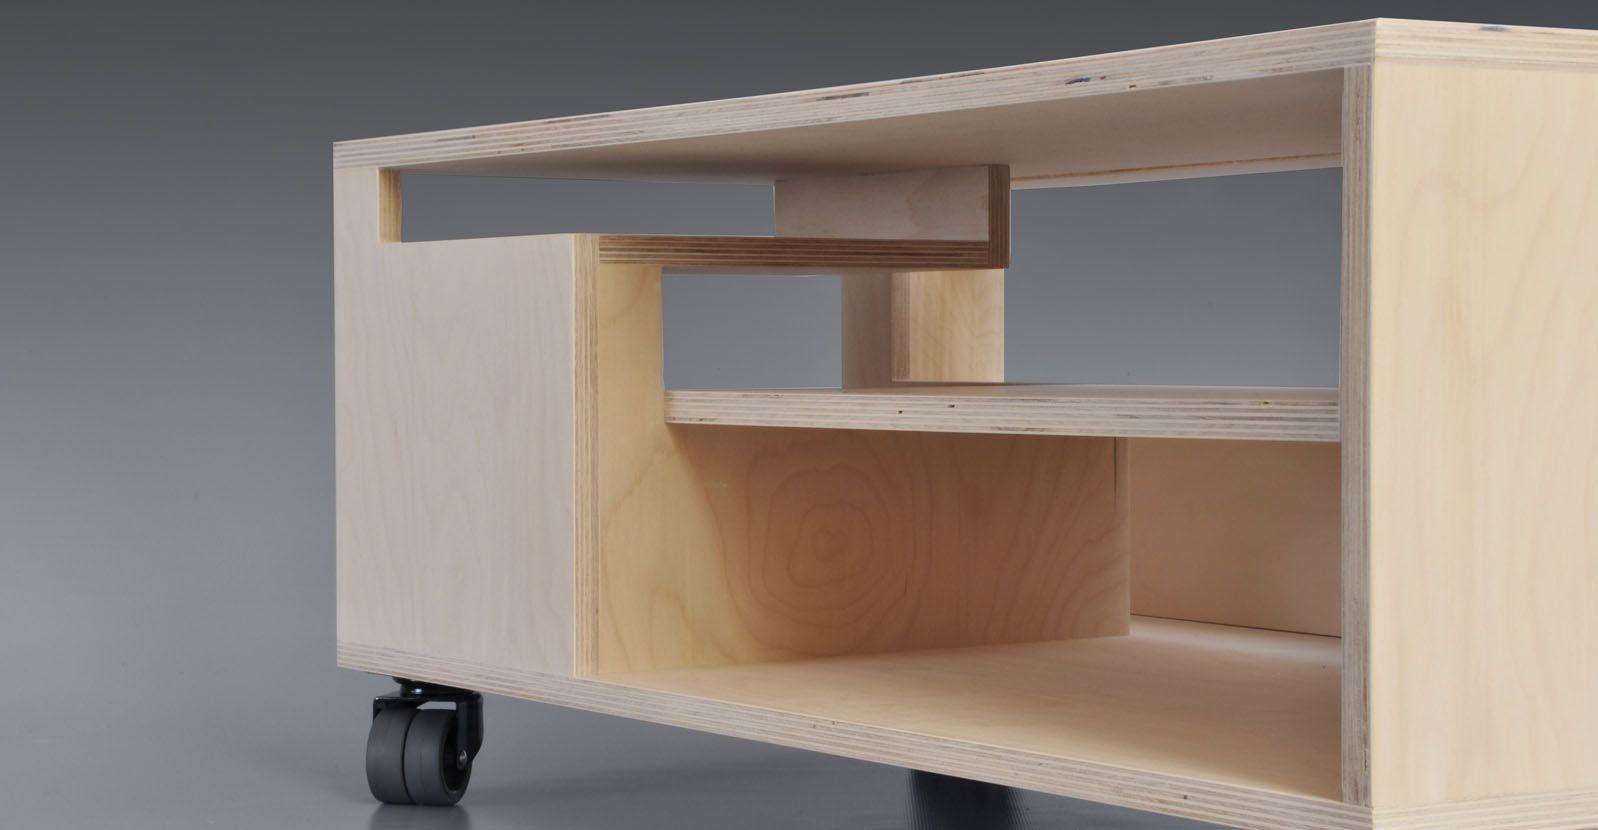 Tv Meubel Wieltjes : ≥ tv meubel op wieltjes zwart kasten tv meubels marktplaats